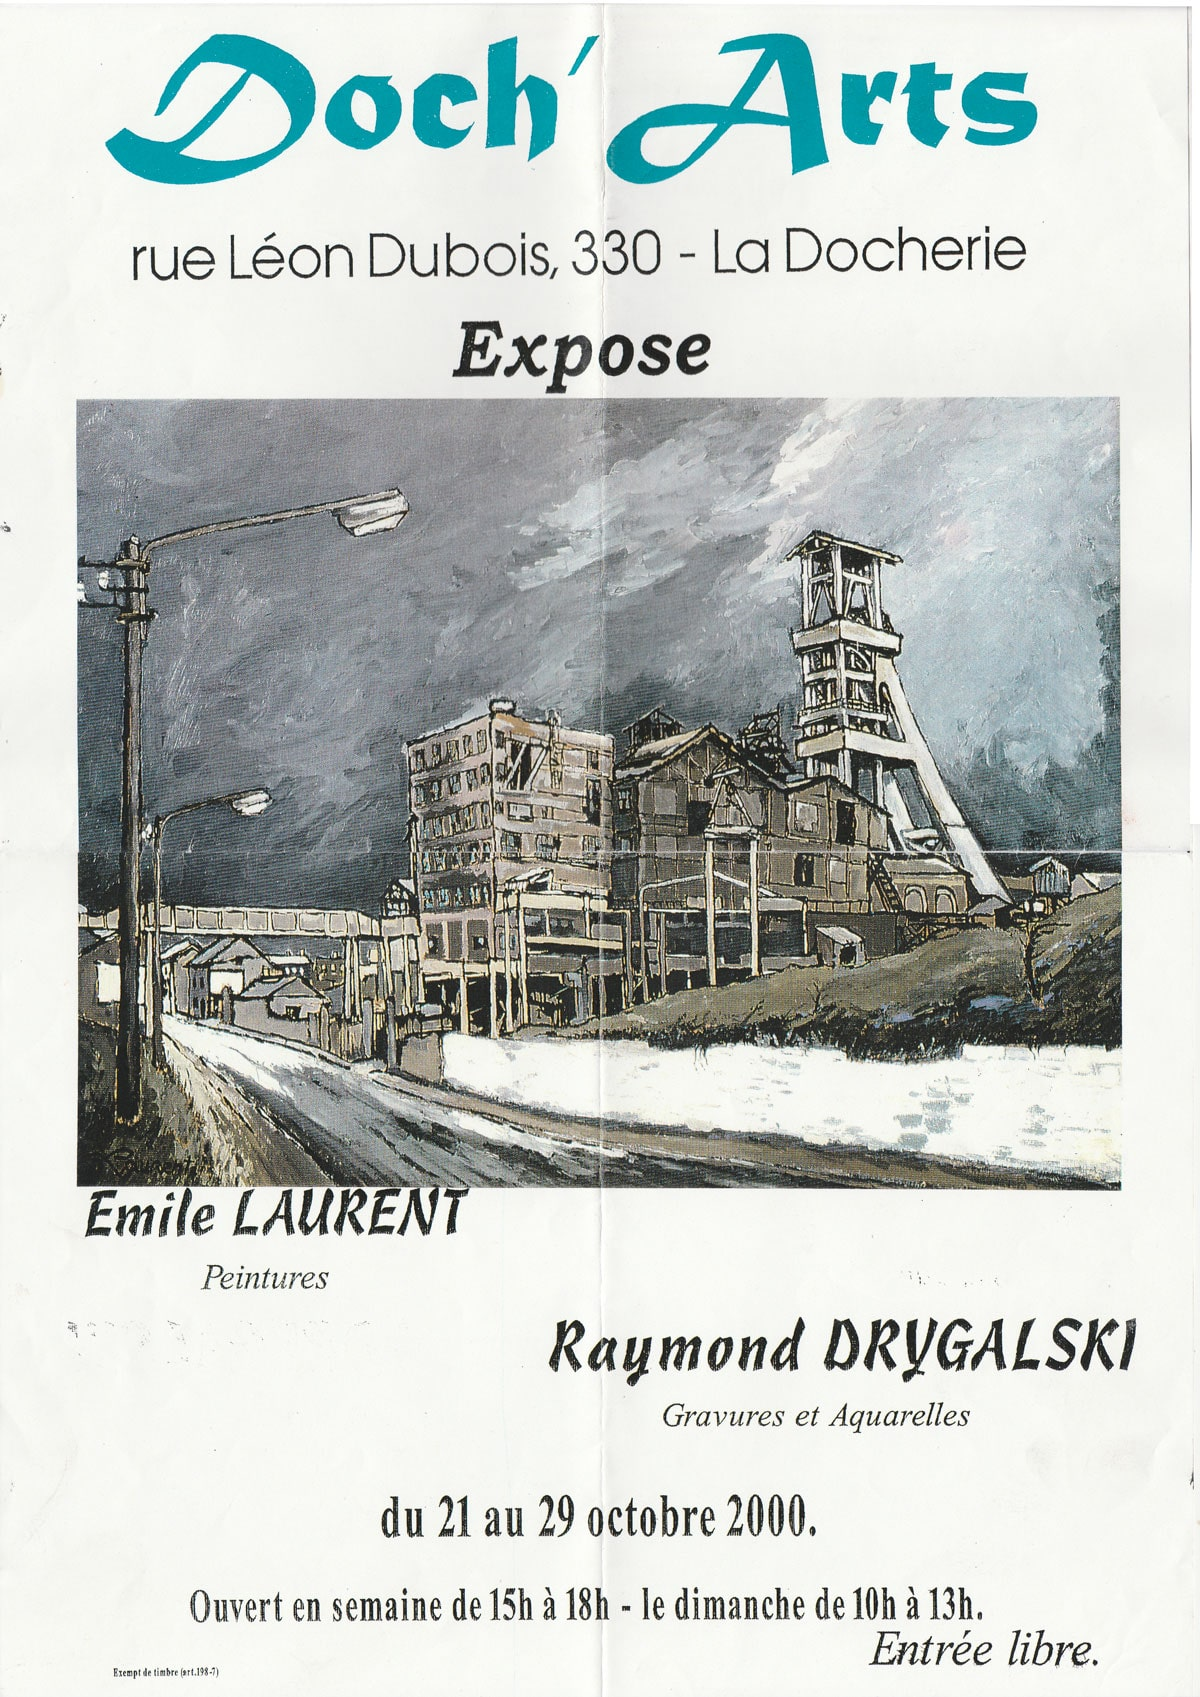 Exposition à l'Espace Doch'Arts